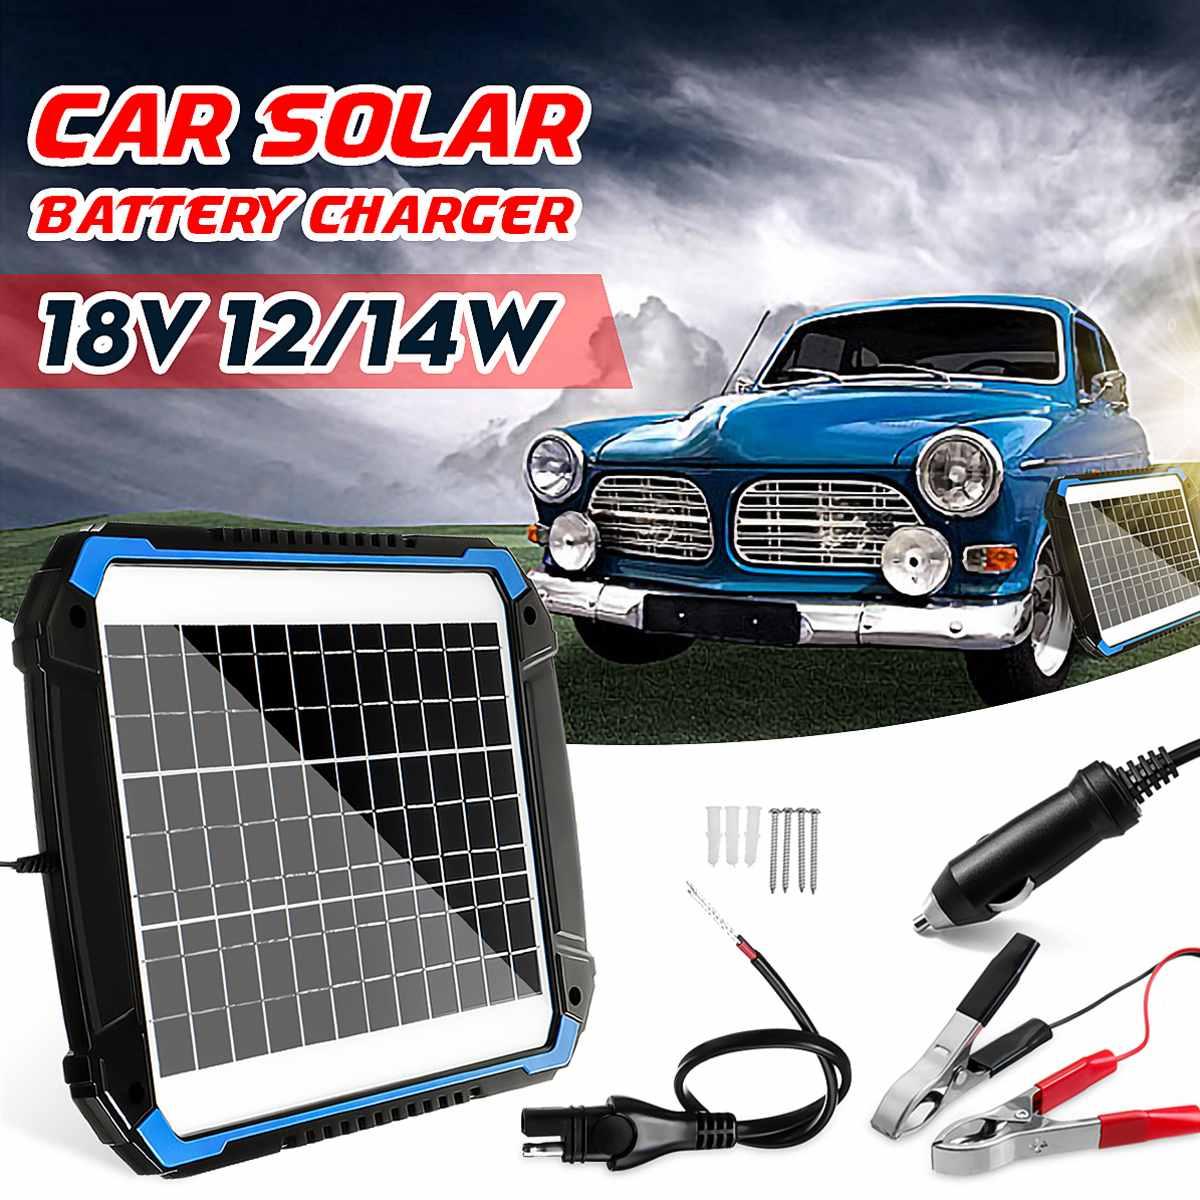 12/14 W panneau solaire Trickle chargeur de batterie mainteneur pour voiture véhicule charge multifonction Protection 3m-panneau longueur de câble